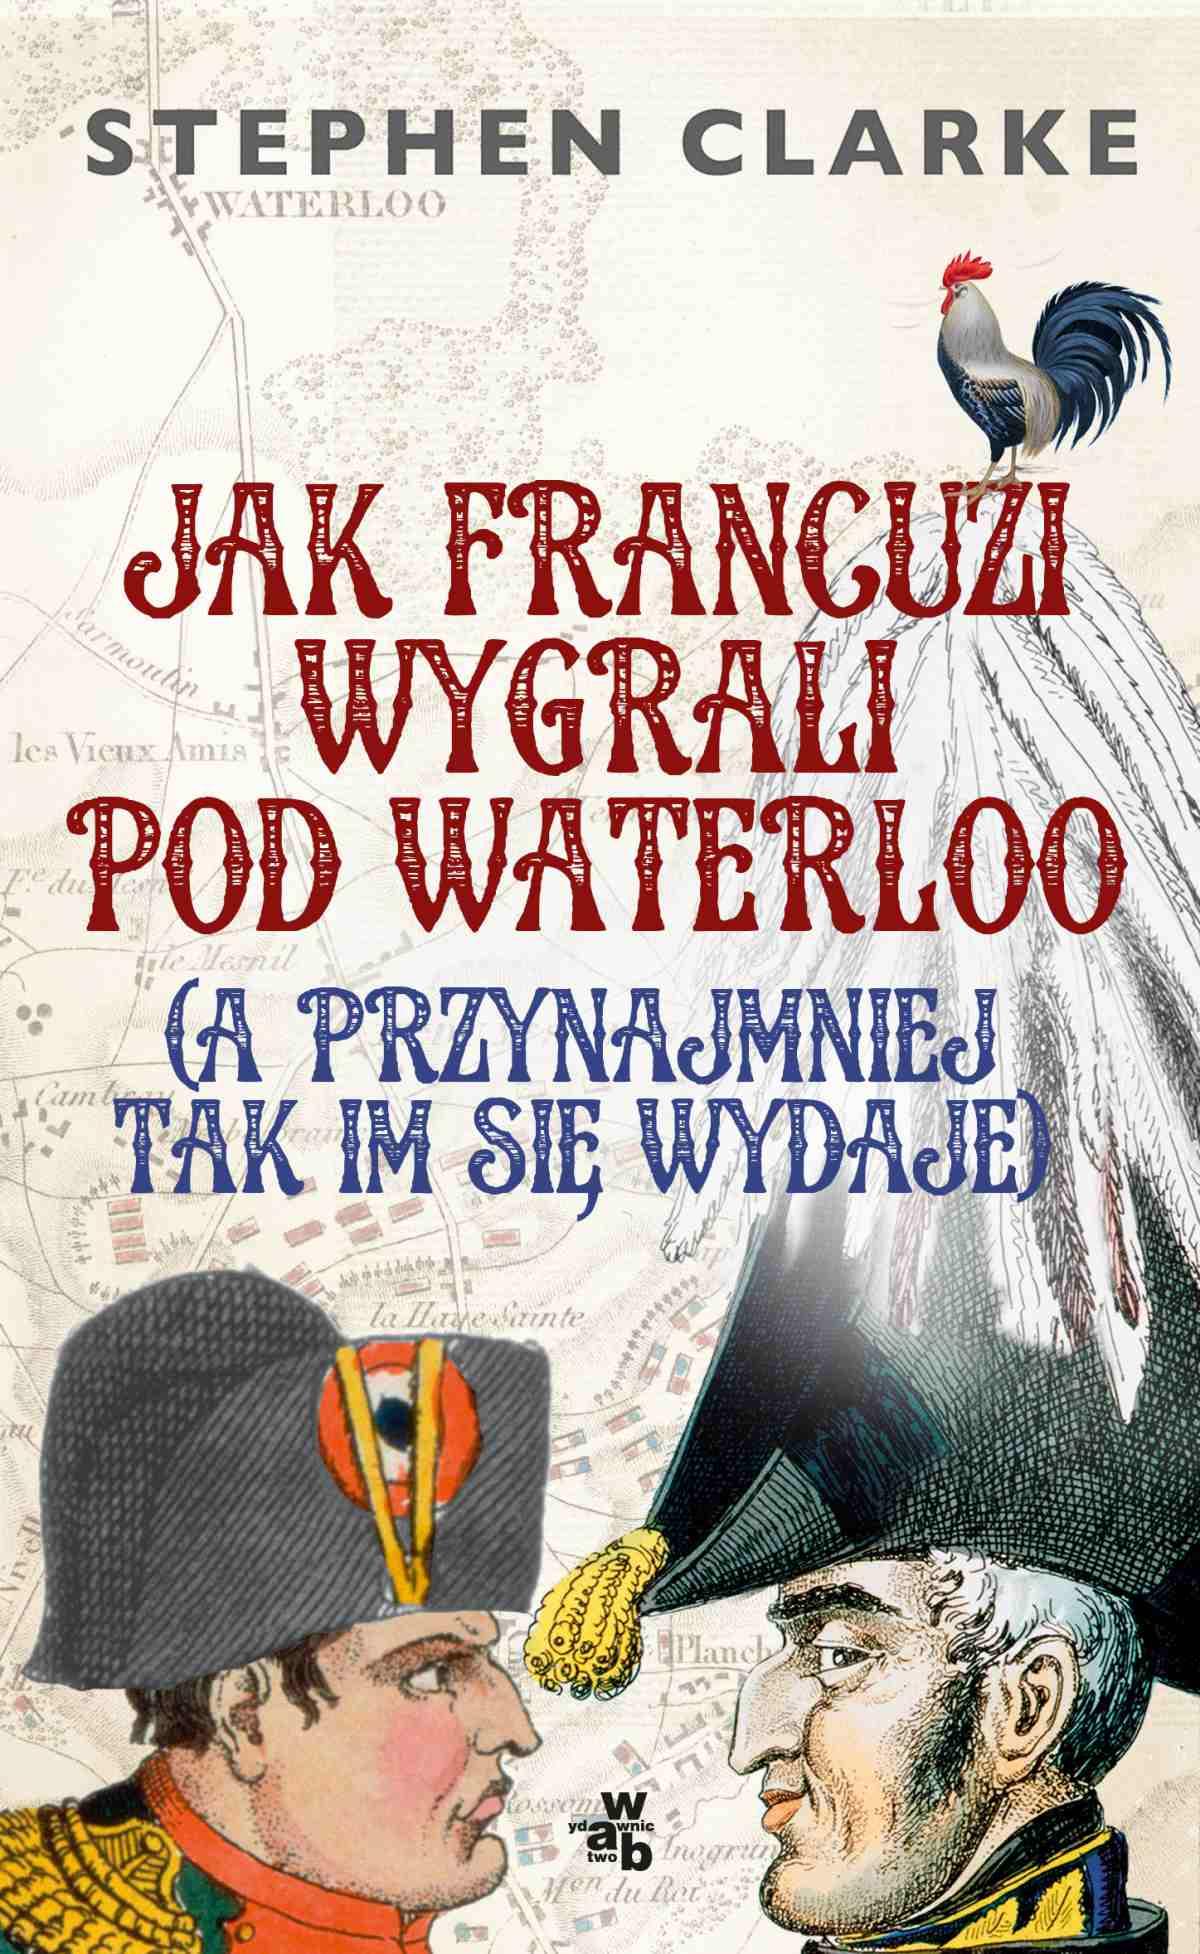 Jak Francuzi wygrali pod Waterloo (a przynajmniej tak im się wydaje) - Ebook (Książka EPUB) do pobrania w formacie EPUB